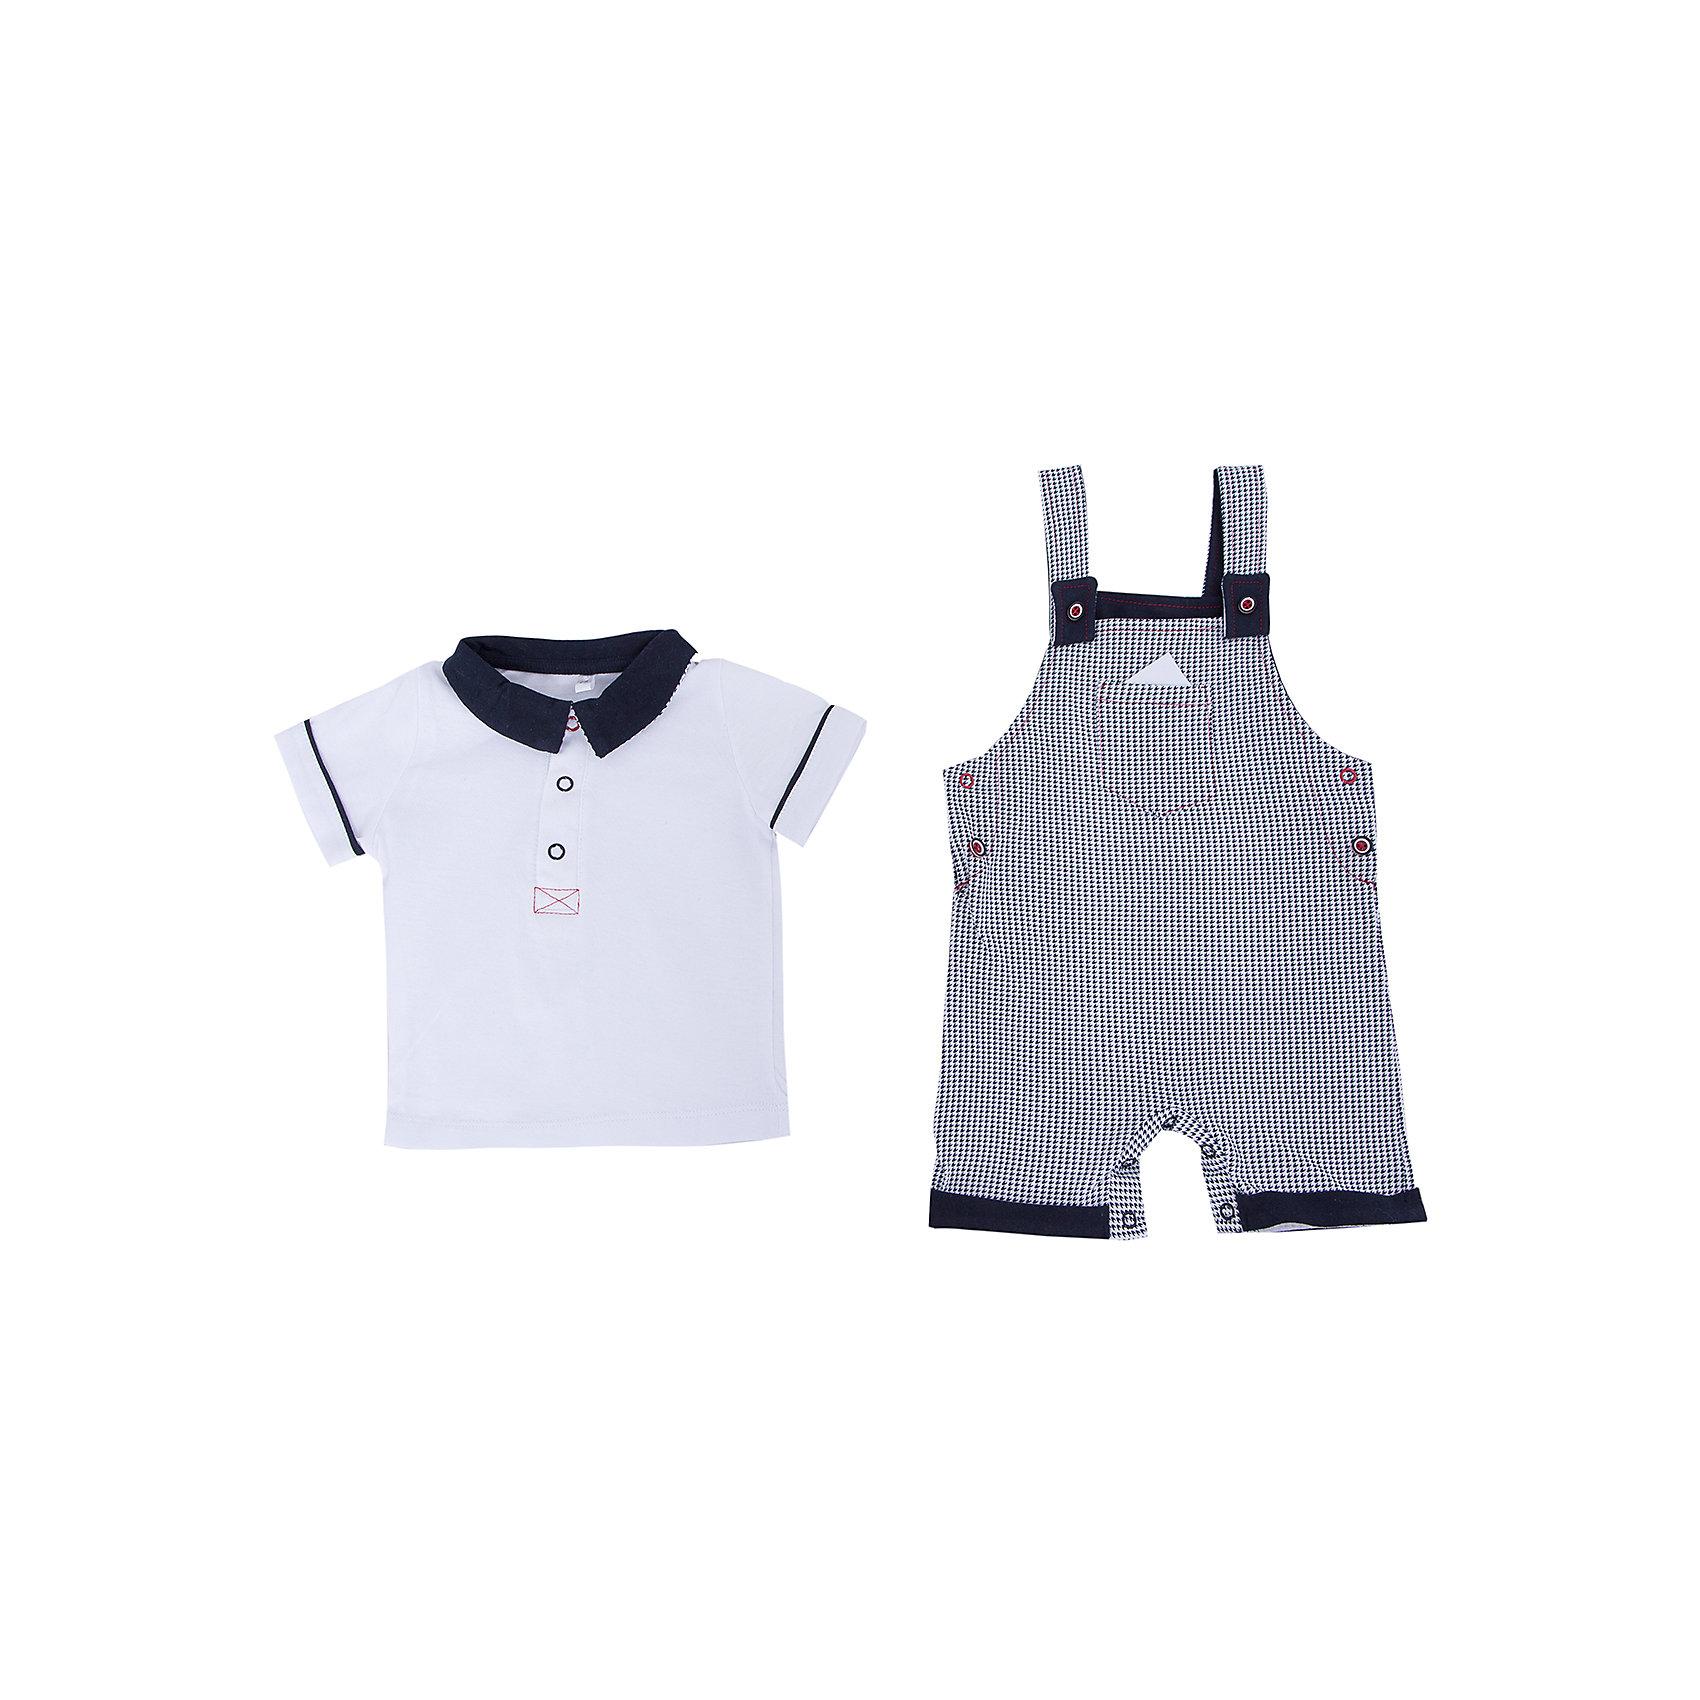 Комплект: футболка и полукомбинезон для мальчика Soni KidsКомплекты<br>Комплект: футболка и полукомбинезон для мальчика от популярной марки Soni Kids <br> <br>Нарядный и удобный набор в черно-белой гамме сшит из мягкого дышащего хлопка. Это гипоаллергенный материал, который отлично подходит для детской одежды. Правильный крой обеспечит ребенку удобство, не будет натирать и стеснять движения. <br> <br>Особенности модели: <br> <br>- цвет - белый, черный; <br>- материал - натуральный хлопок; <br>- на груди - кармашек; <br>- отложной воротник; <br>- рукава короткие, с отделкой; <br>- застежки - кнопки на груди и внизу. <br> <br>Дополнительная информация: <br> <br>Состав: 100% хлопок <br> <br>Комплект: футболка и полукомбинезон для мальчика от популярной марки Soni Kids (Сони Кидс) можно купить в нашем магазине.<br><br>Ширина мм: 157<br>Глубина мм: 13<br>Высота мм: 119<br>Вес г: 200<br>Цвет: белый/серый<br>Возраст от месяцев: 3<br>Возраст до месяцев: 6<br>Пол: Мужской<br>Возраст: Детский<br>Размер: 68,86,74,80<br>SKU: 4545051